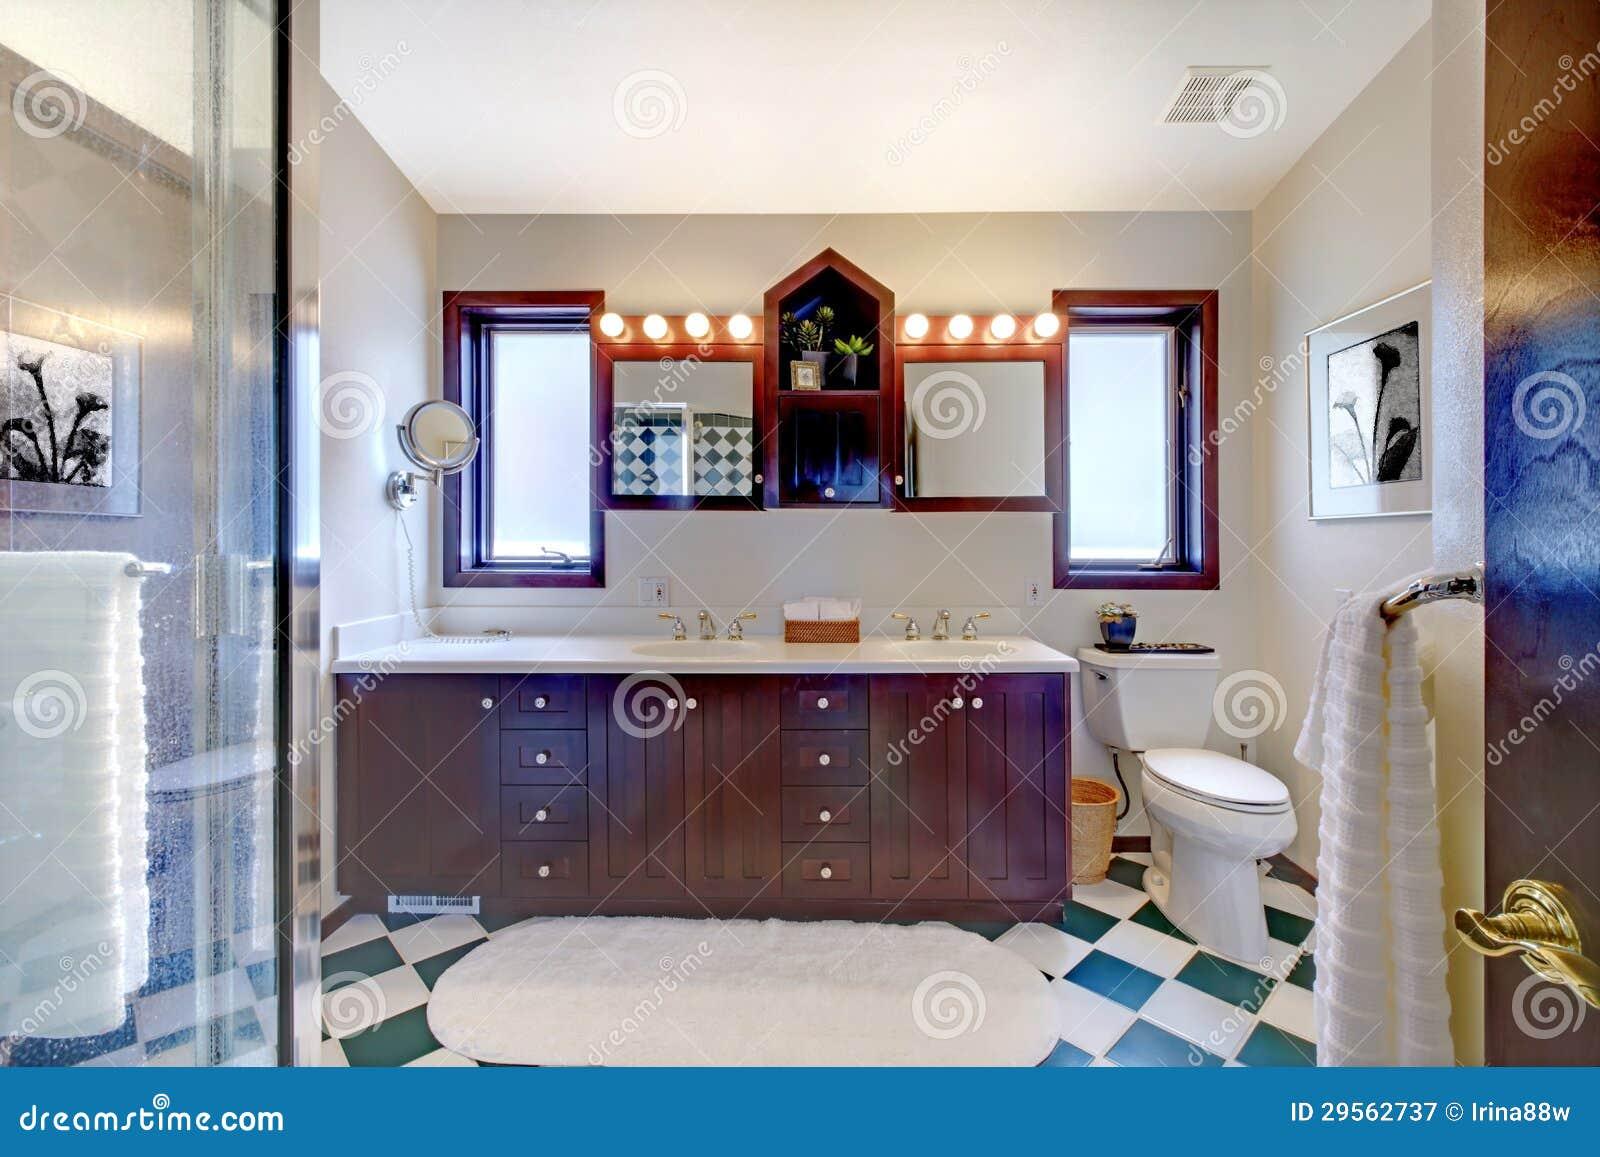 Gabinetes De Baño Pr:de archivo libre de regalías: Cuarto de baño con la ducha, gabinete